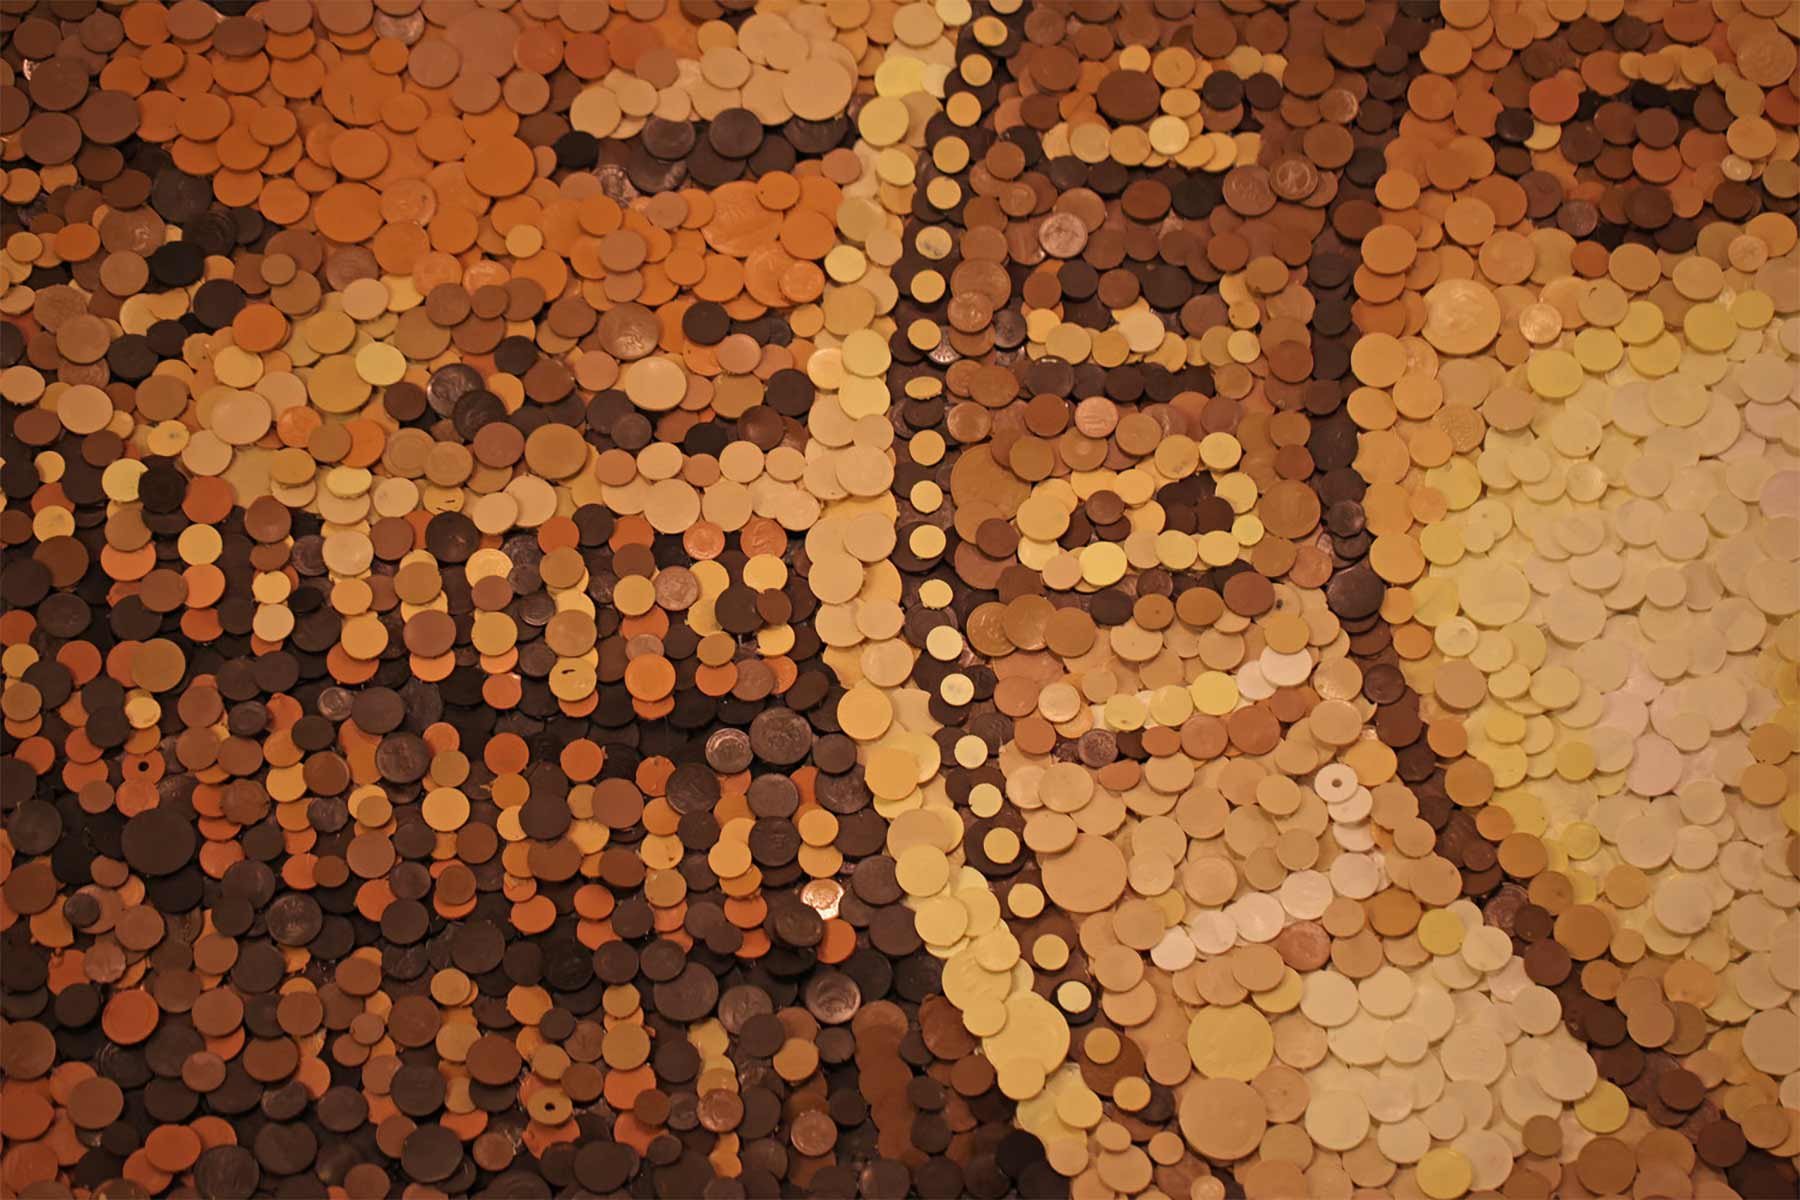 Mosaiks aus Tabletten, Münzen und Mittelfingern Kevin-Champeny-mosaik_06